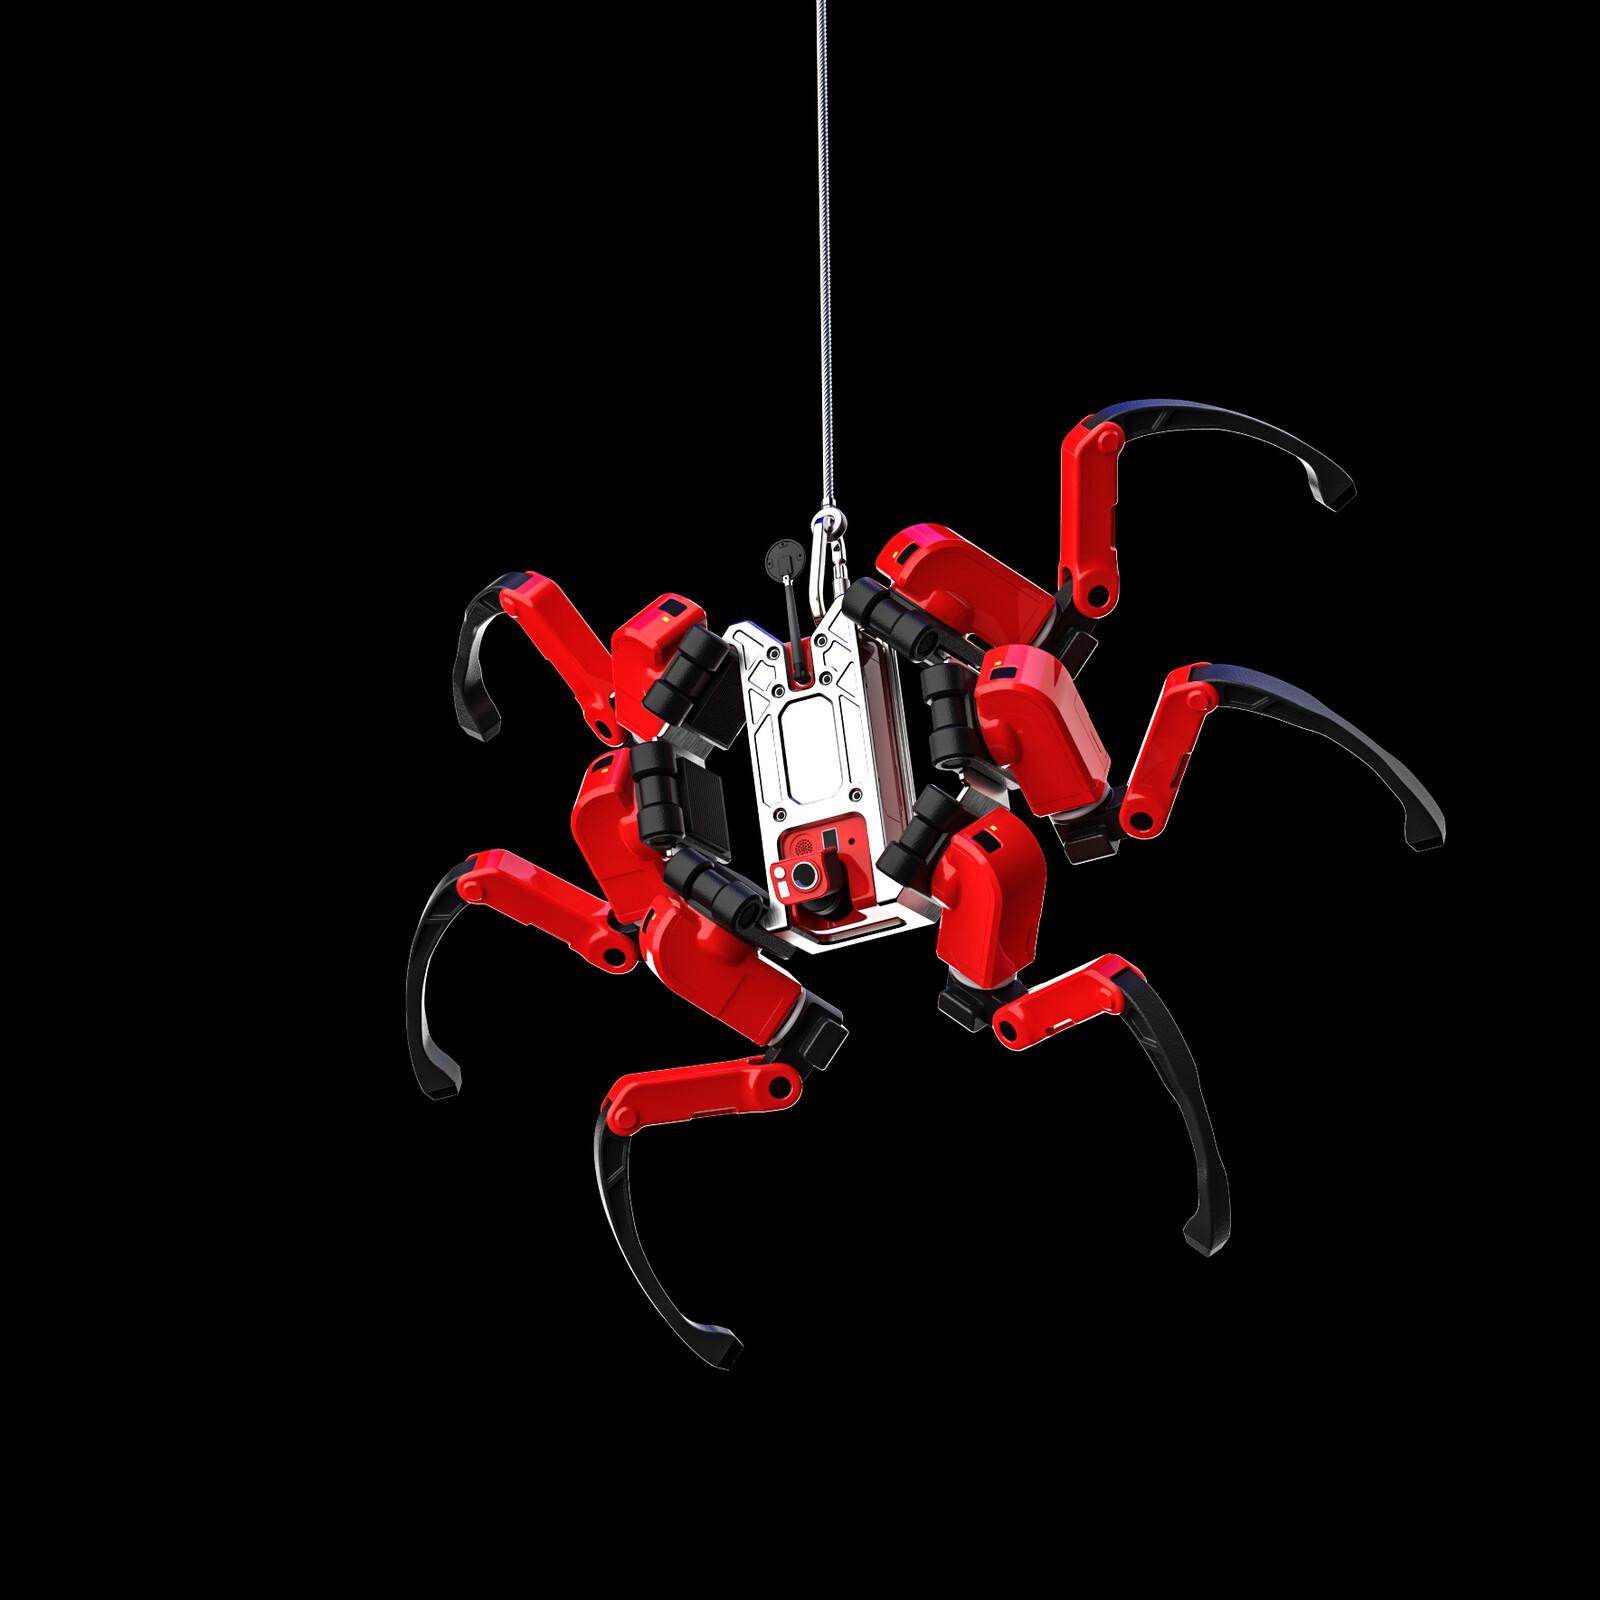 Spider Rescue Robot